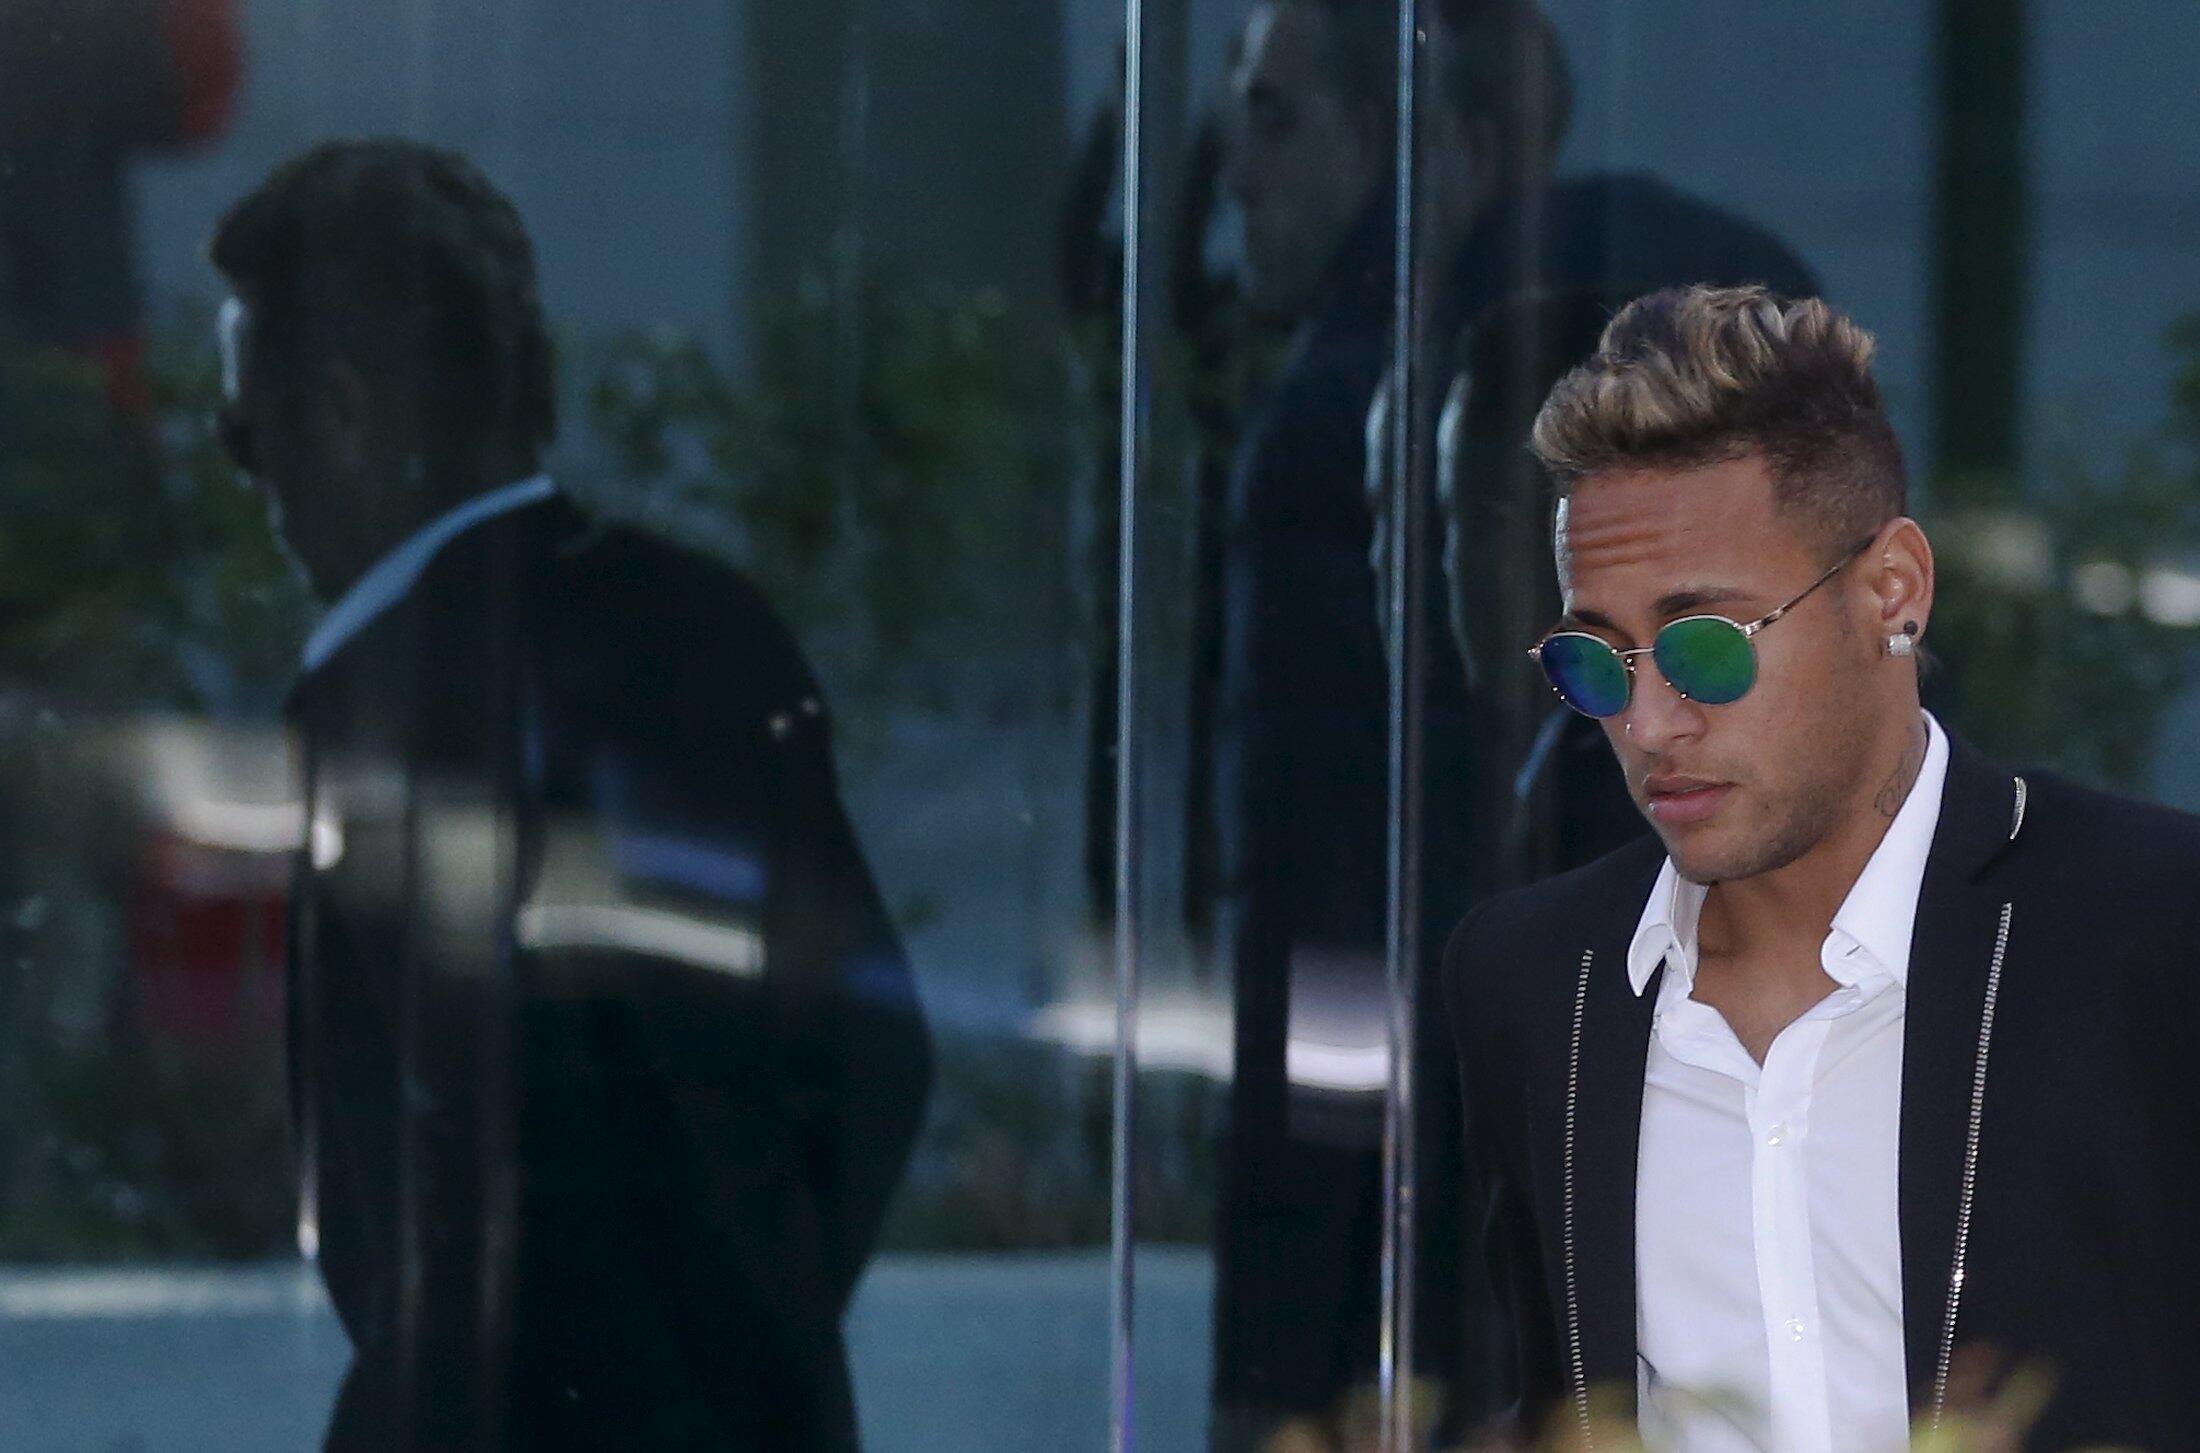 Mshambuliaji wa FC Barcelona, Neymar da Silva Santos Júnior, anayekabiliwa na mashtaka ya ukwepaji kodi nchini Brazil na Uhispania